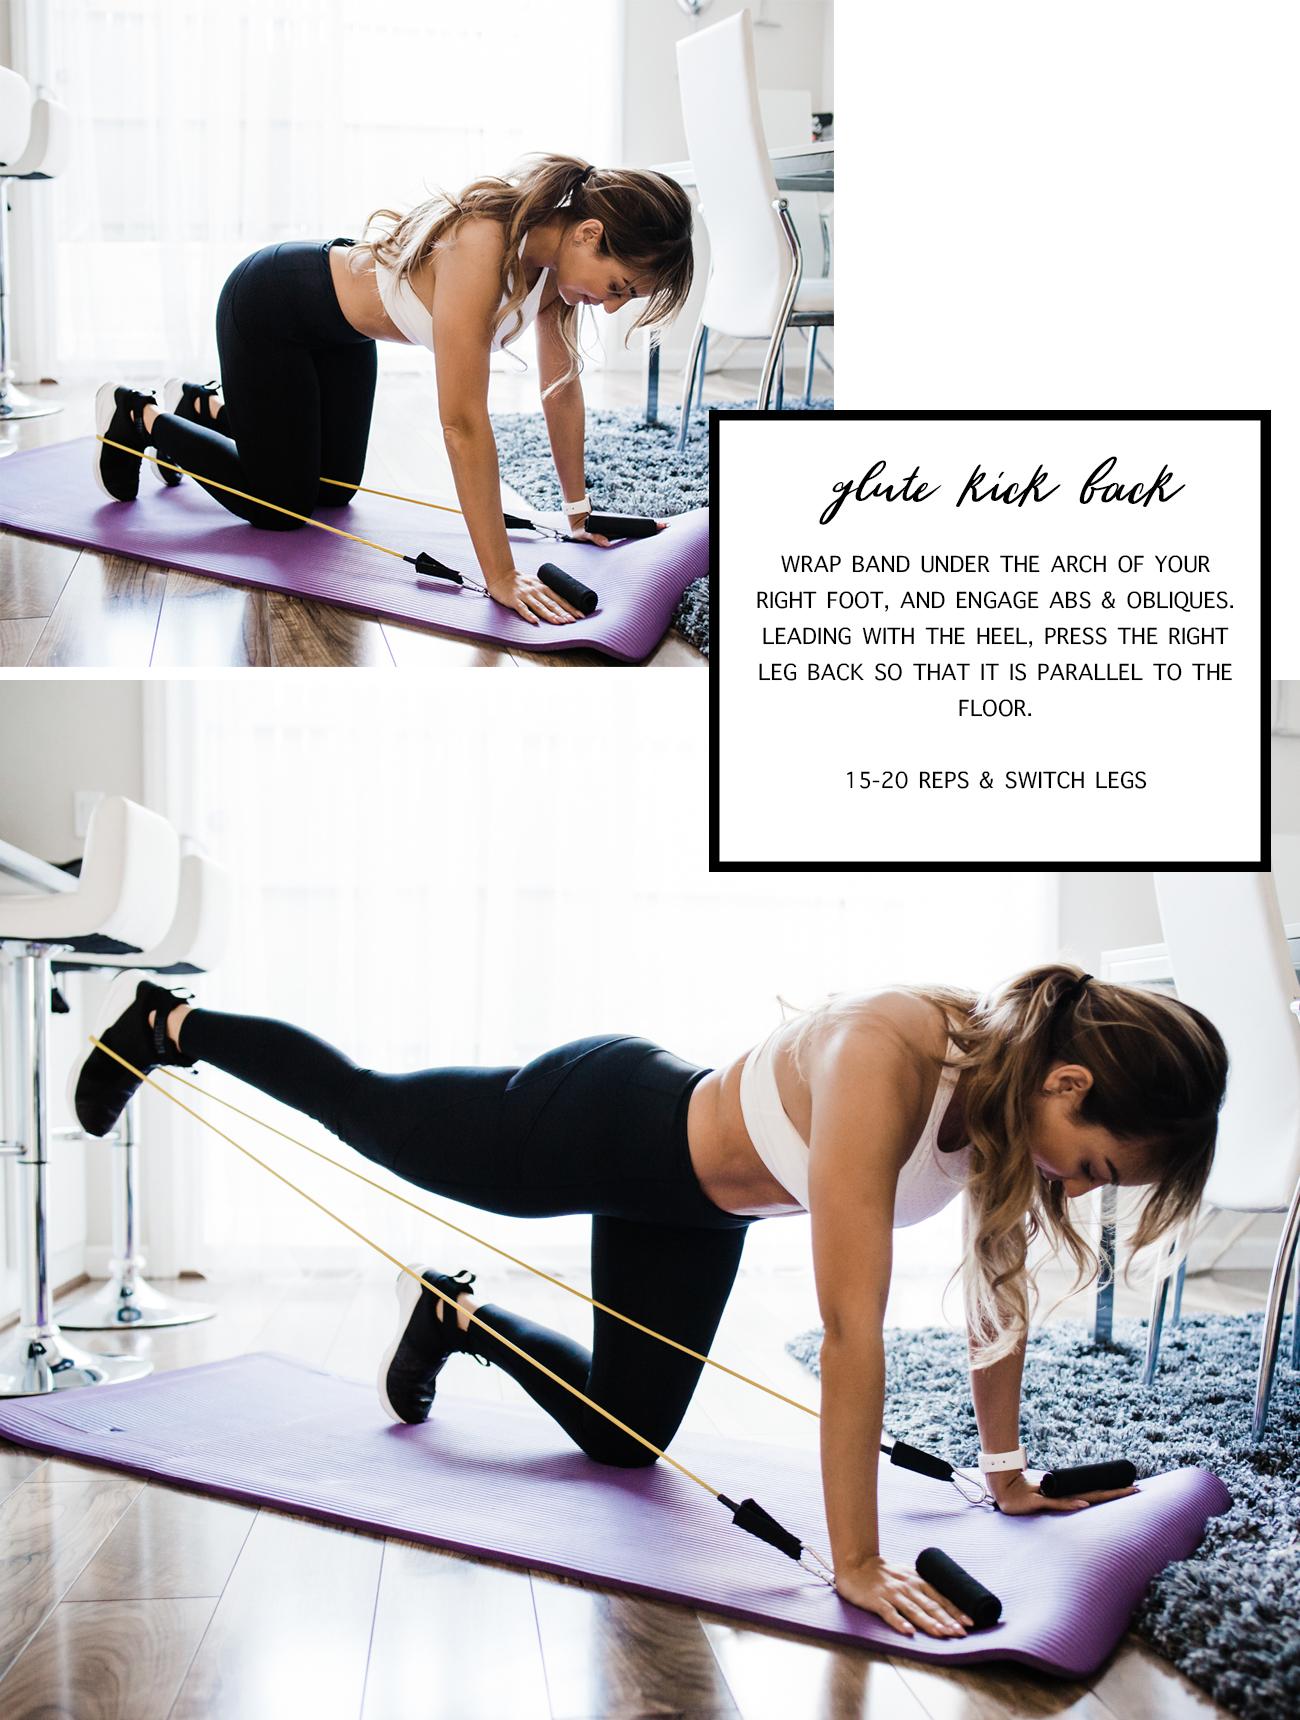 workout 3 glute kick back